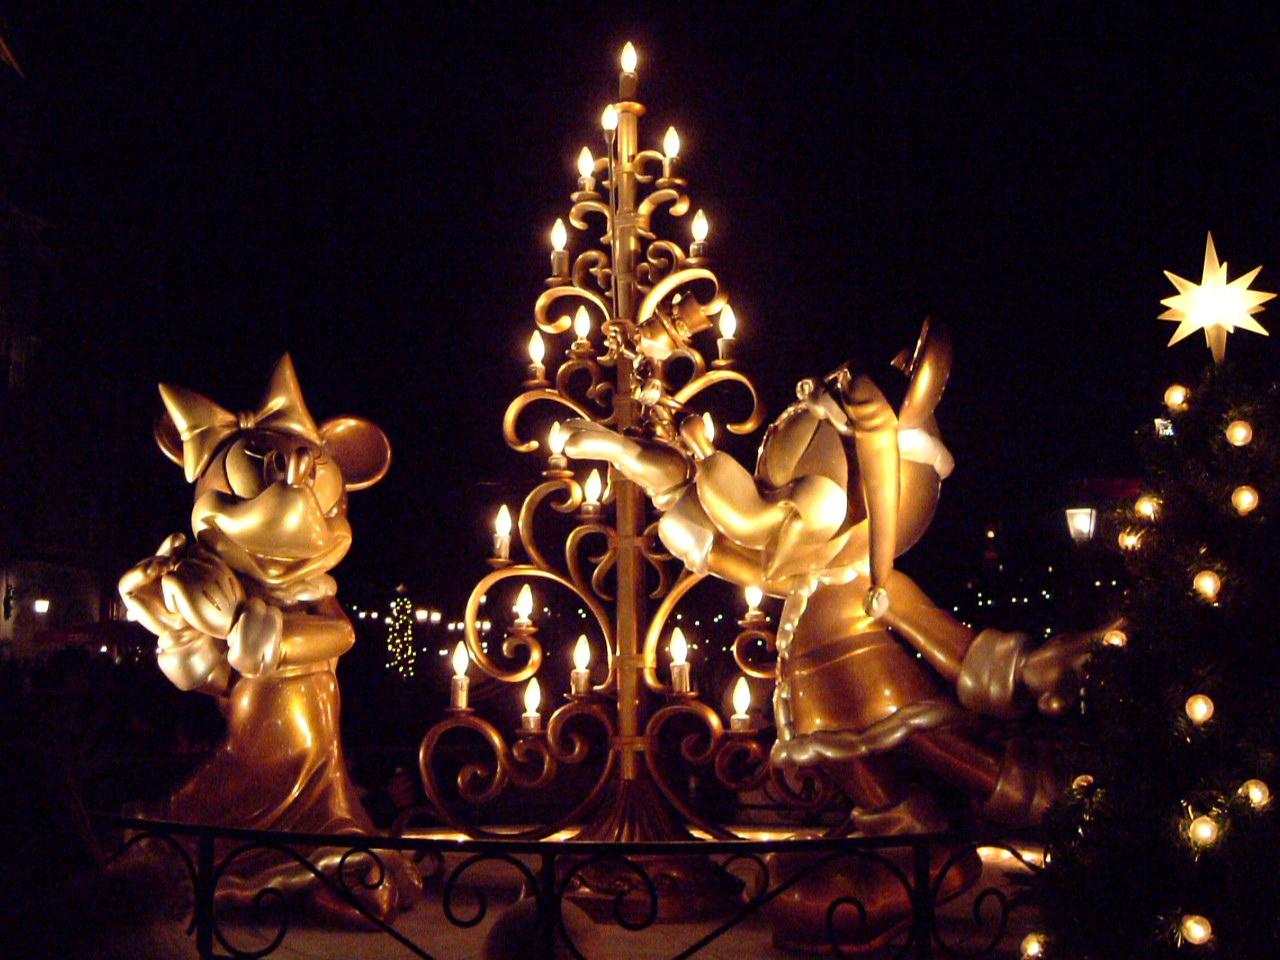 東京ディズニーシーのクリスマス』東京ディズニーリゾート(千葉県)の